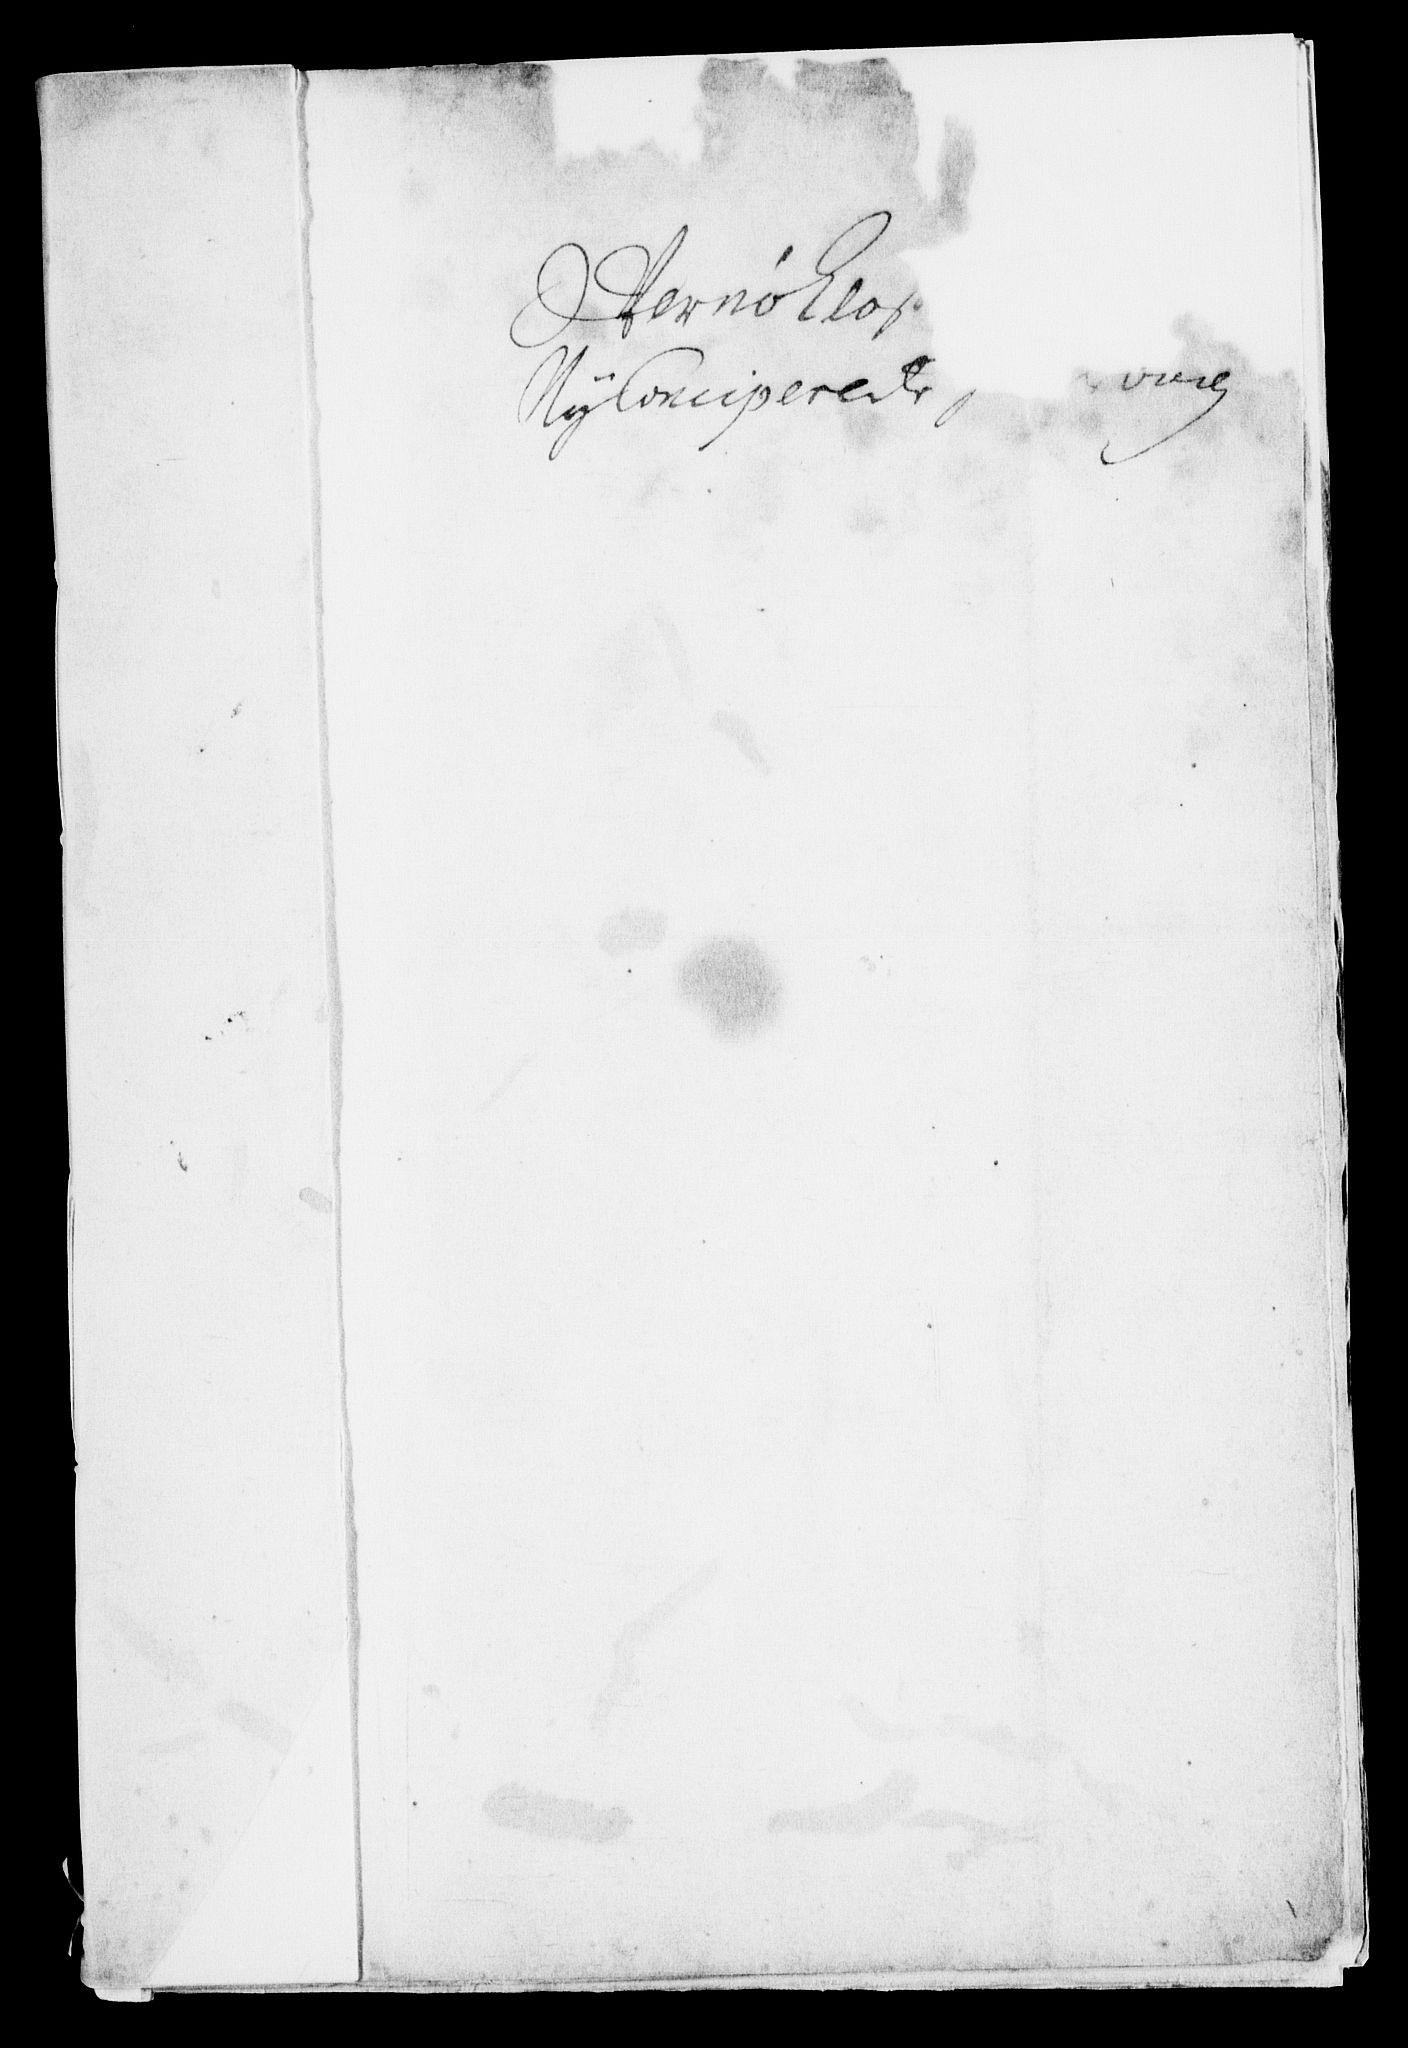 RA, Rentekammeret inntil 1814, Realistisk ordnet avdeling, On/L0007: [Jj 8]: Jordebøker og dokumenter innlevert til kongelig kommisjon 1672: Verne klosters gods, 1658-1672, s. 255